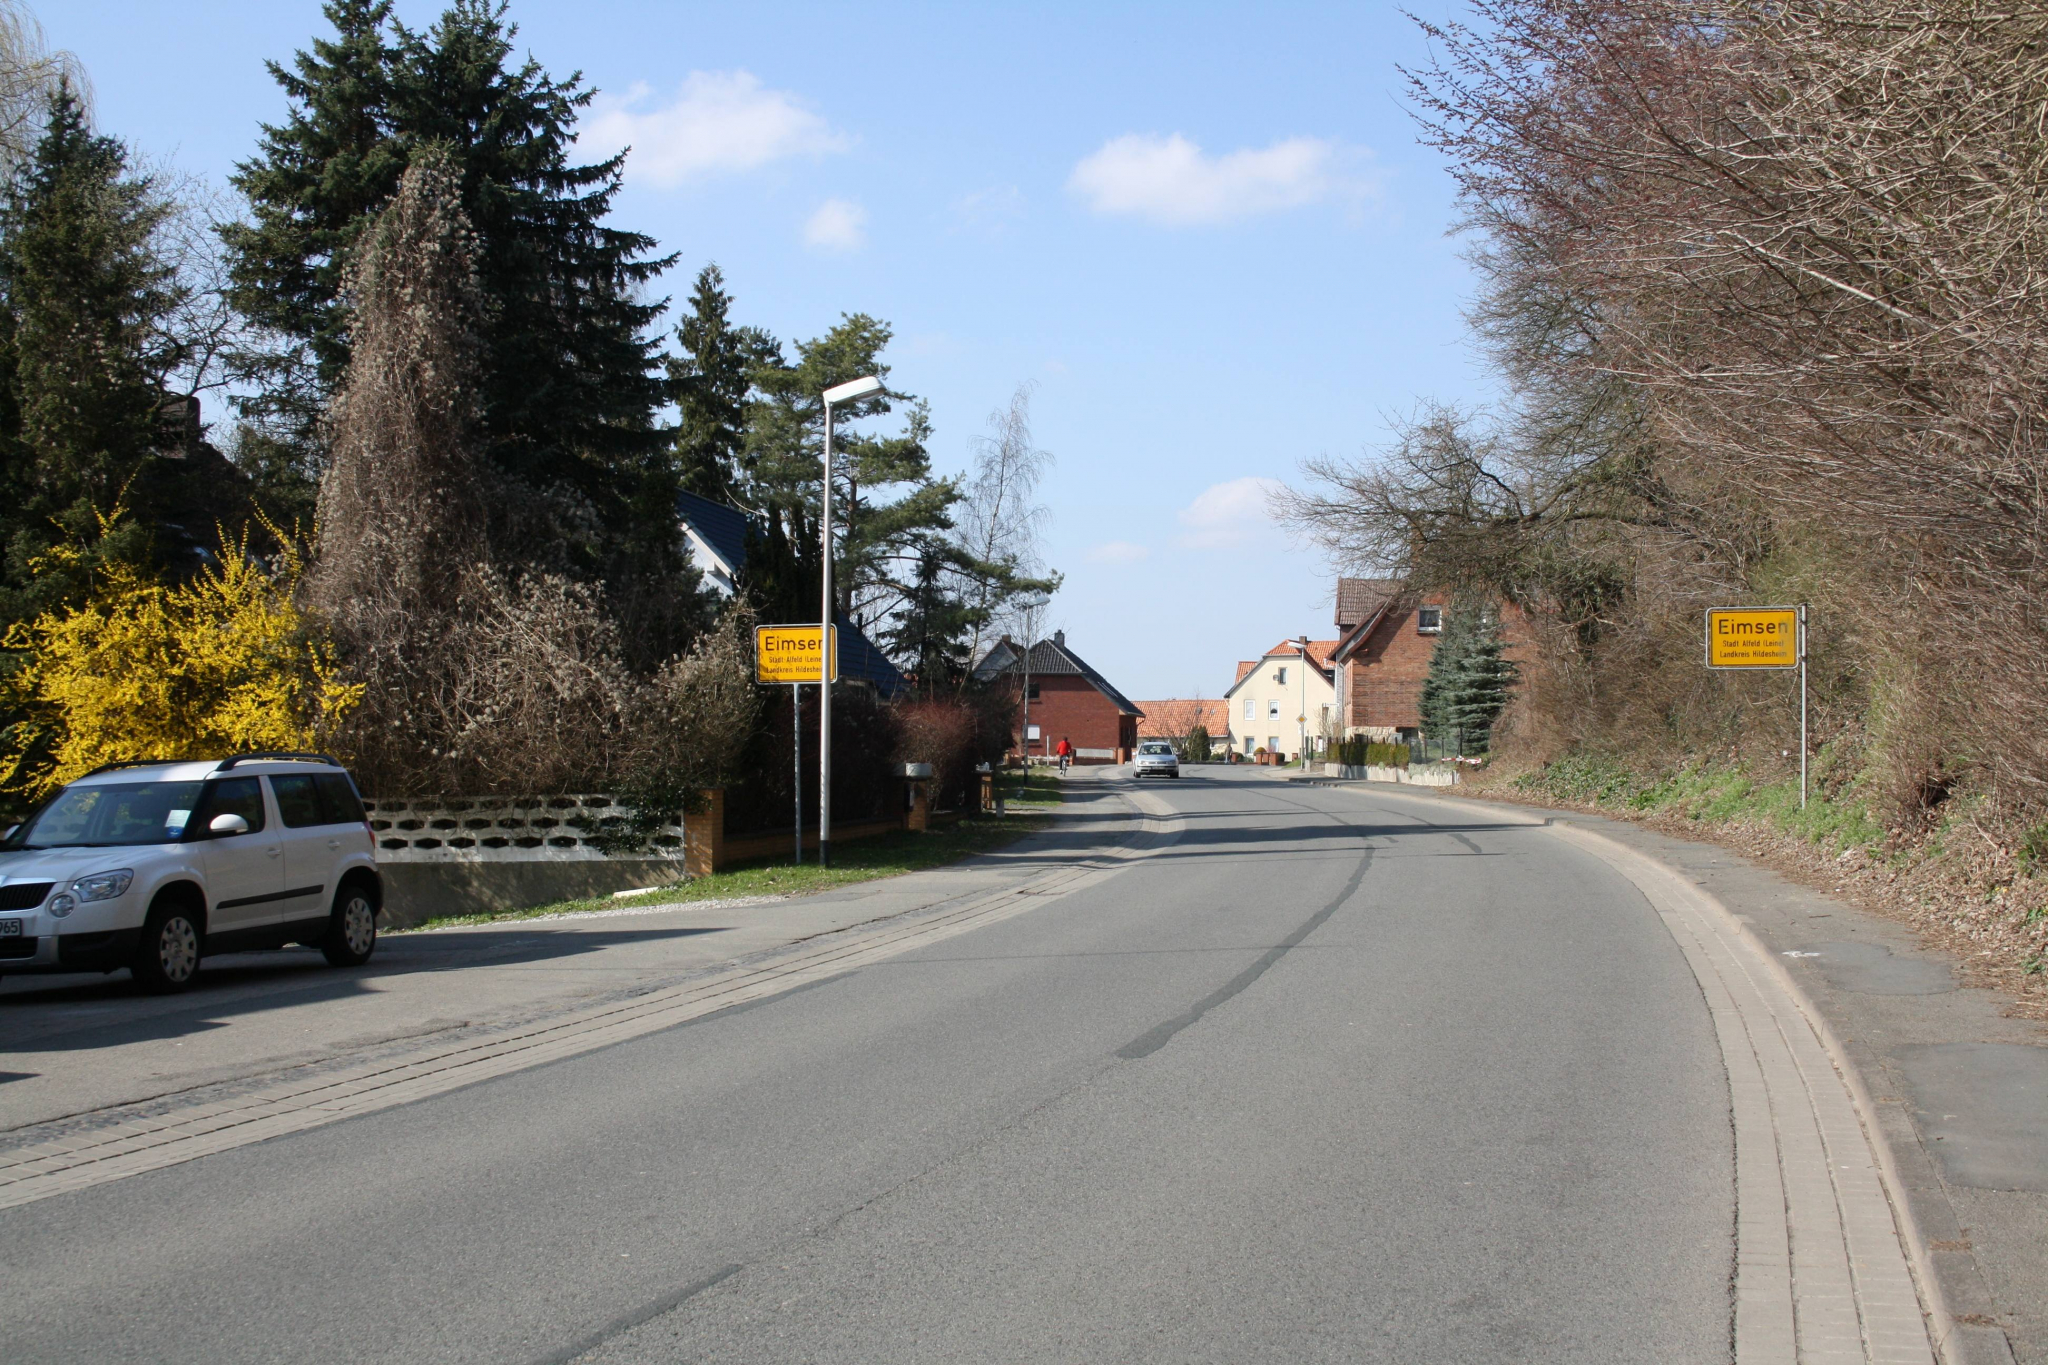 Eimsen2011-02-Hauptstr